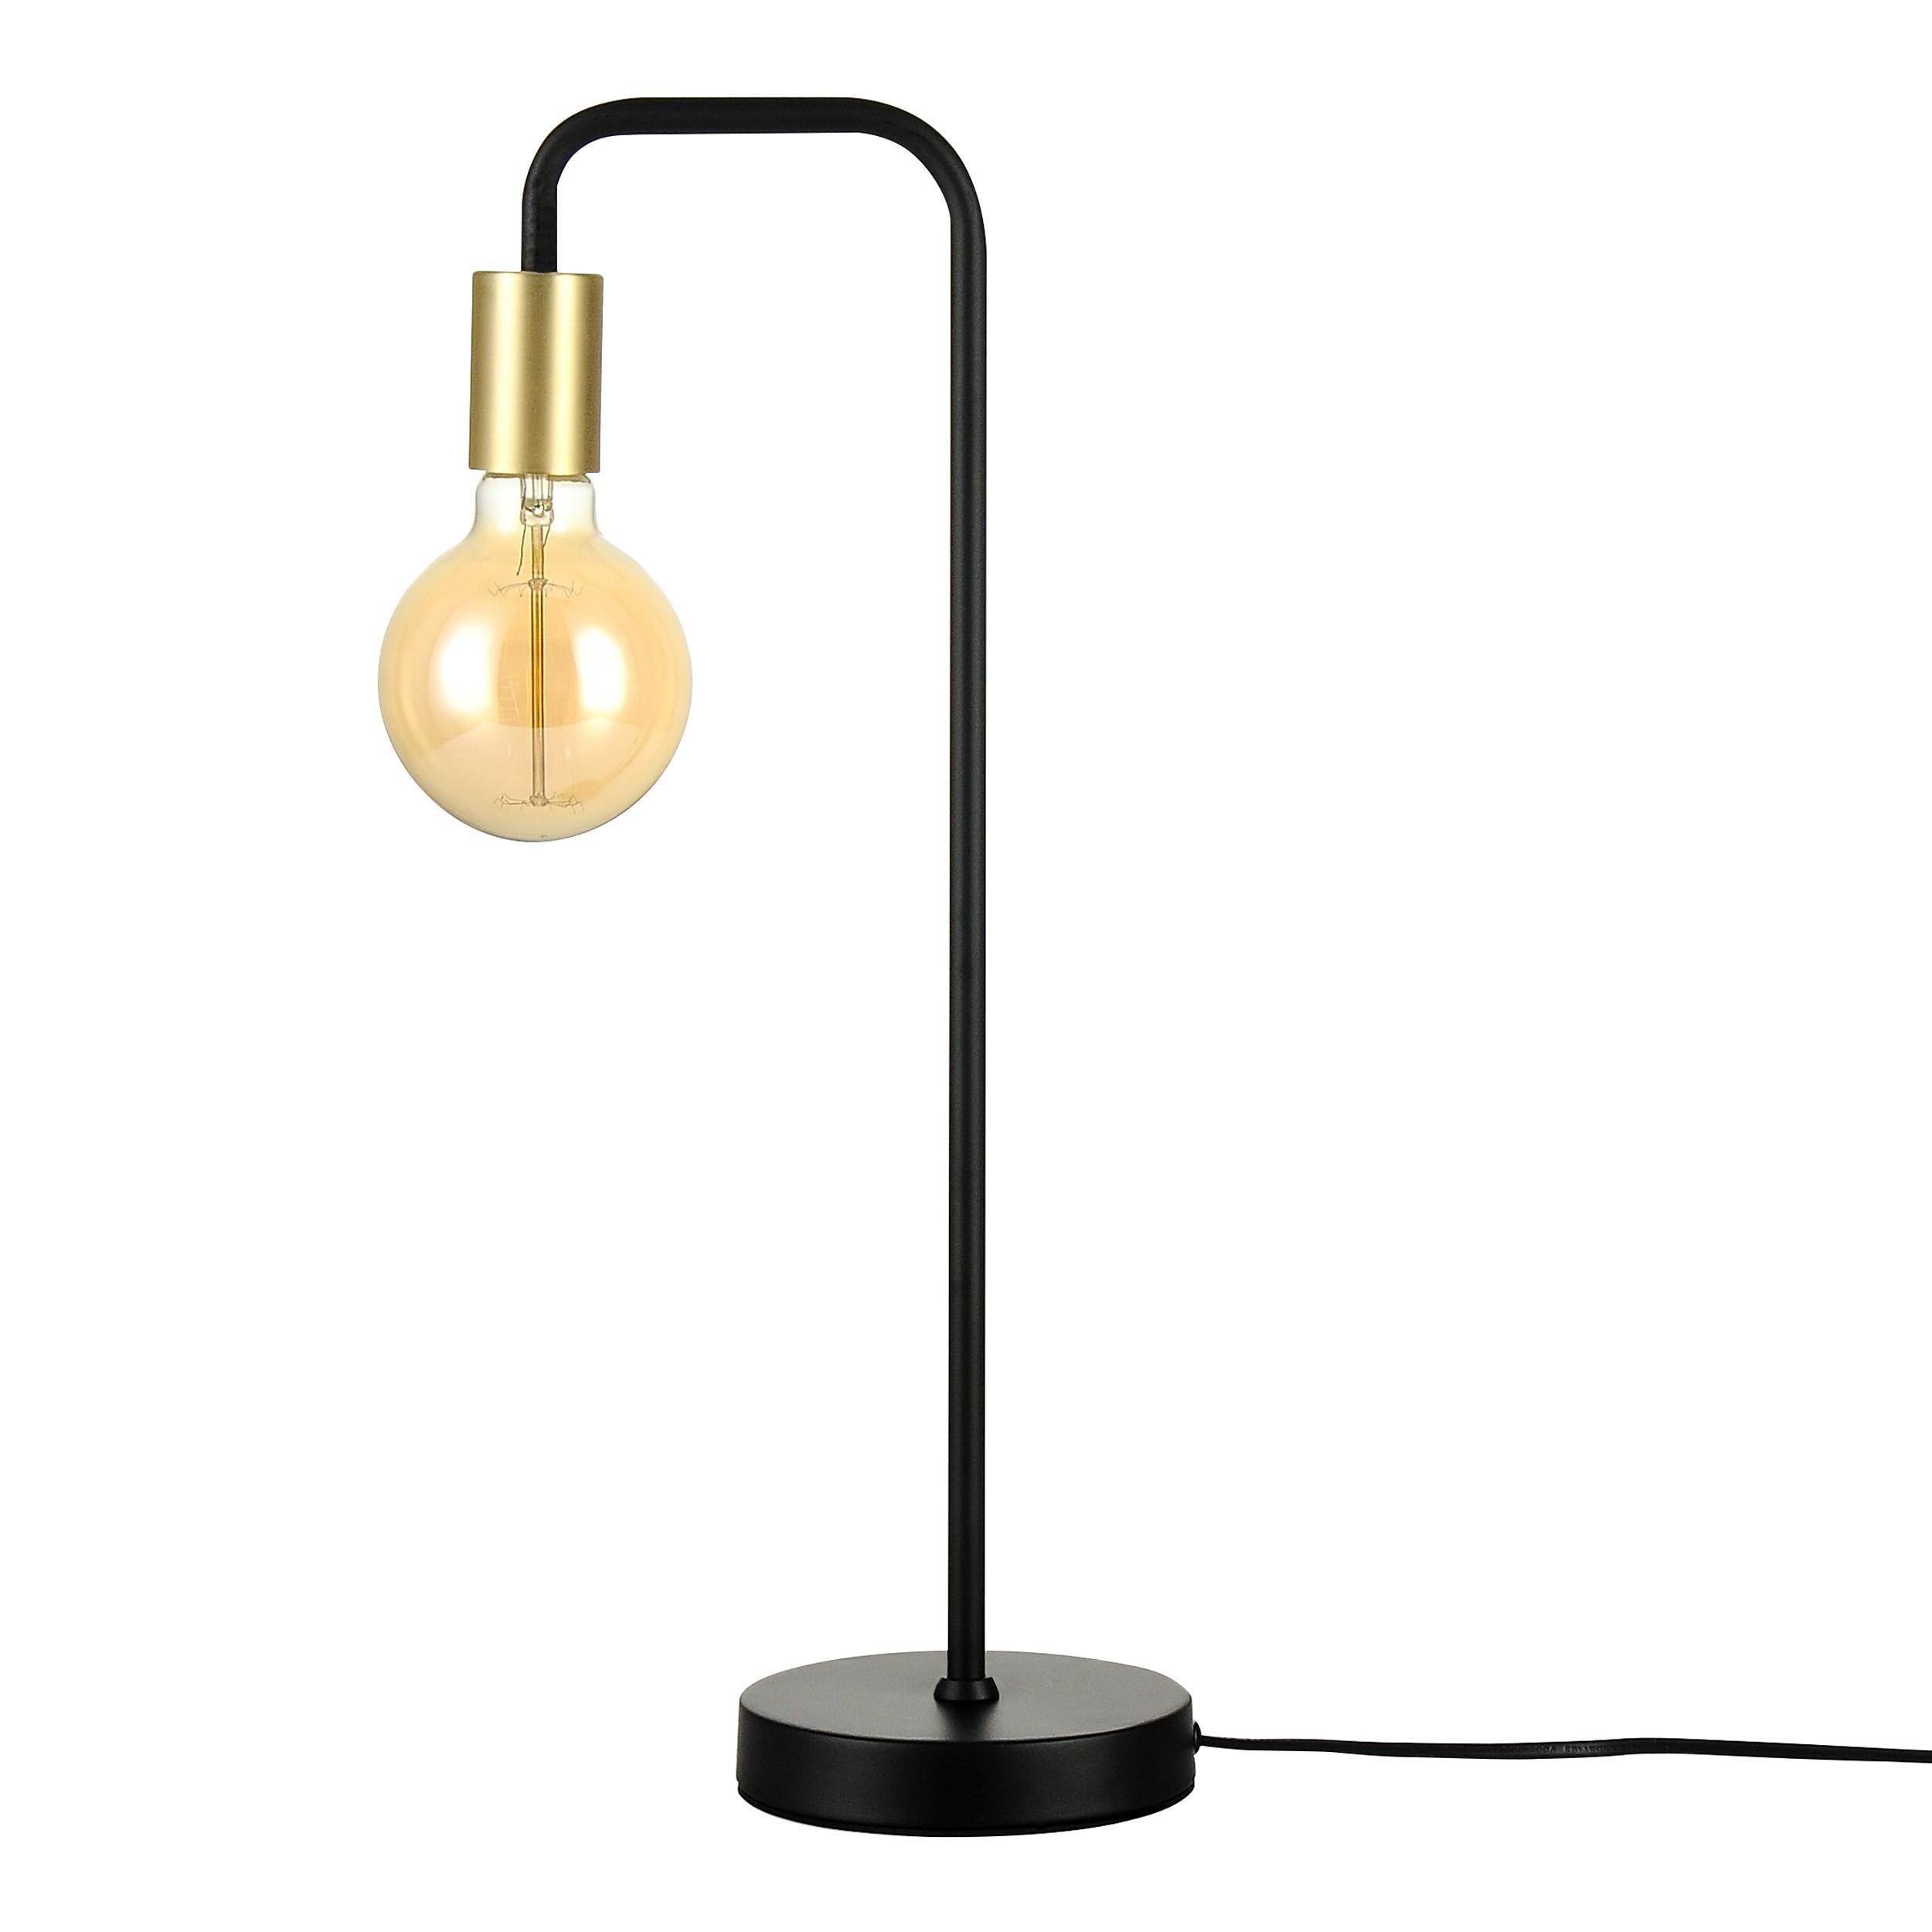 Lampe A Poser Yse Noire Ampoule Incluse Commandez Les Lampes A